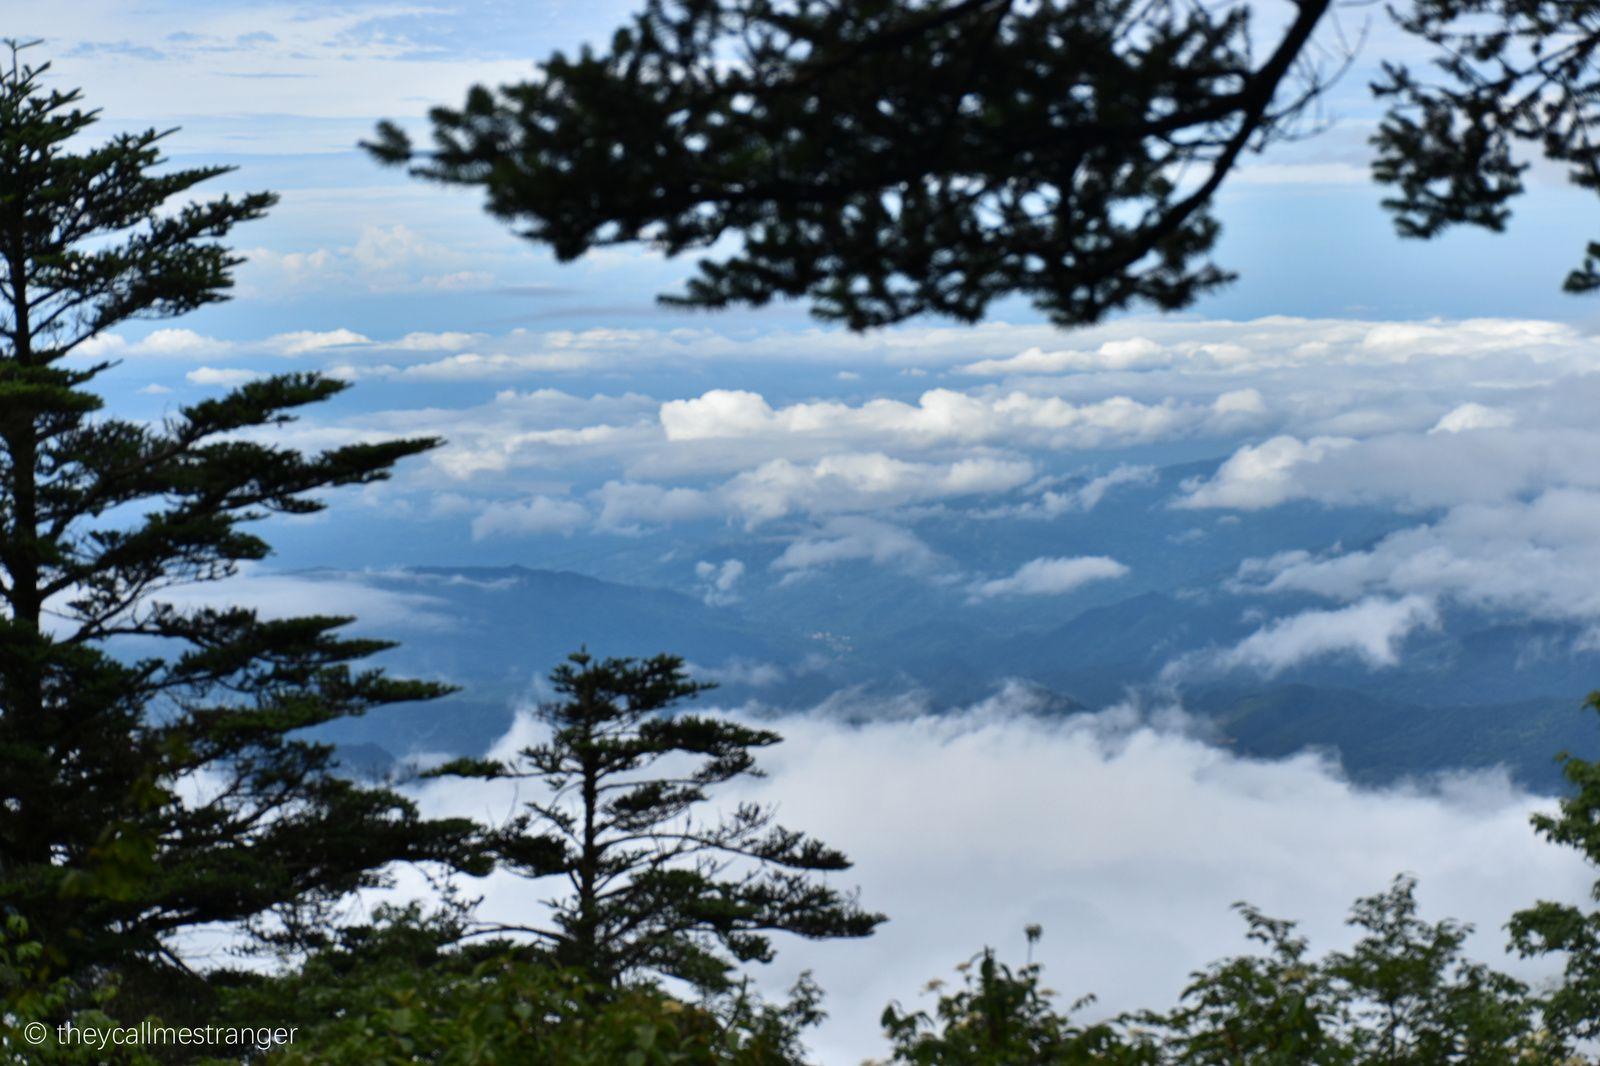 Le mont Emei, montagne sacrée du bouddhisme 峨嵋山